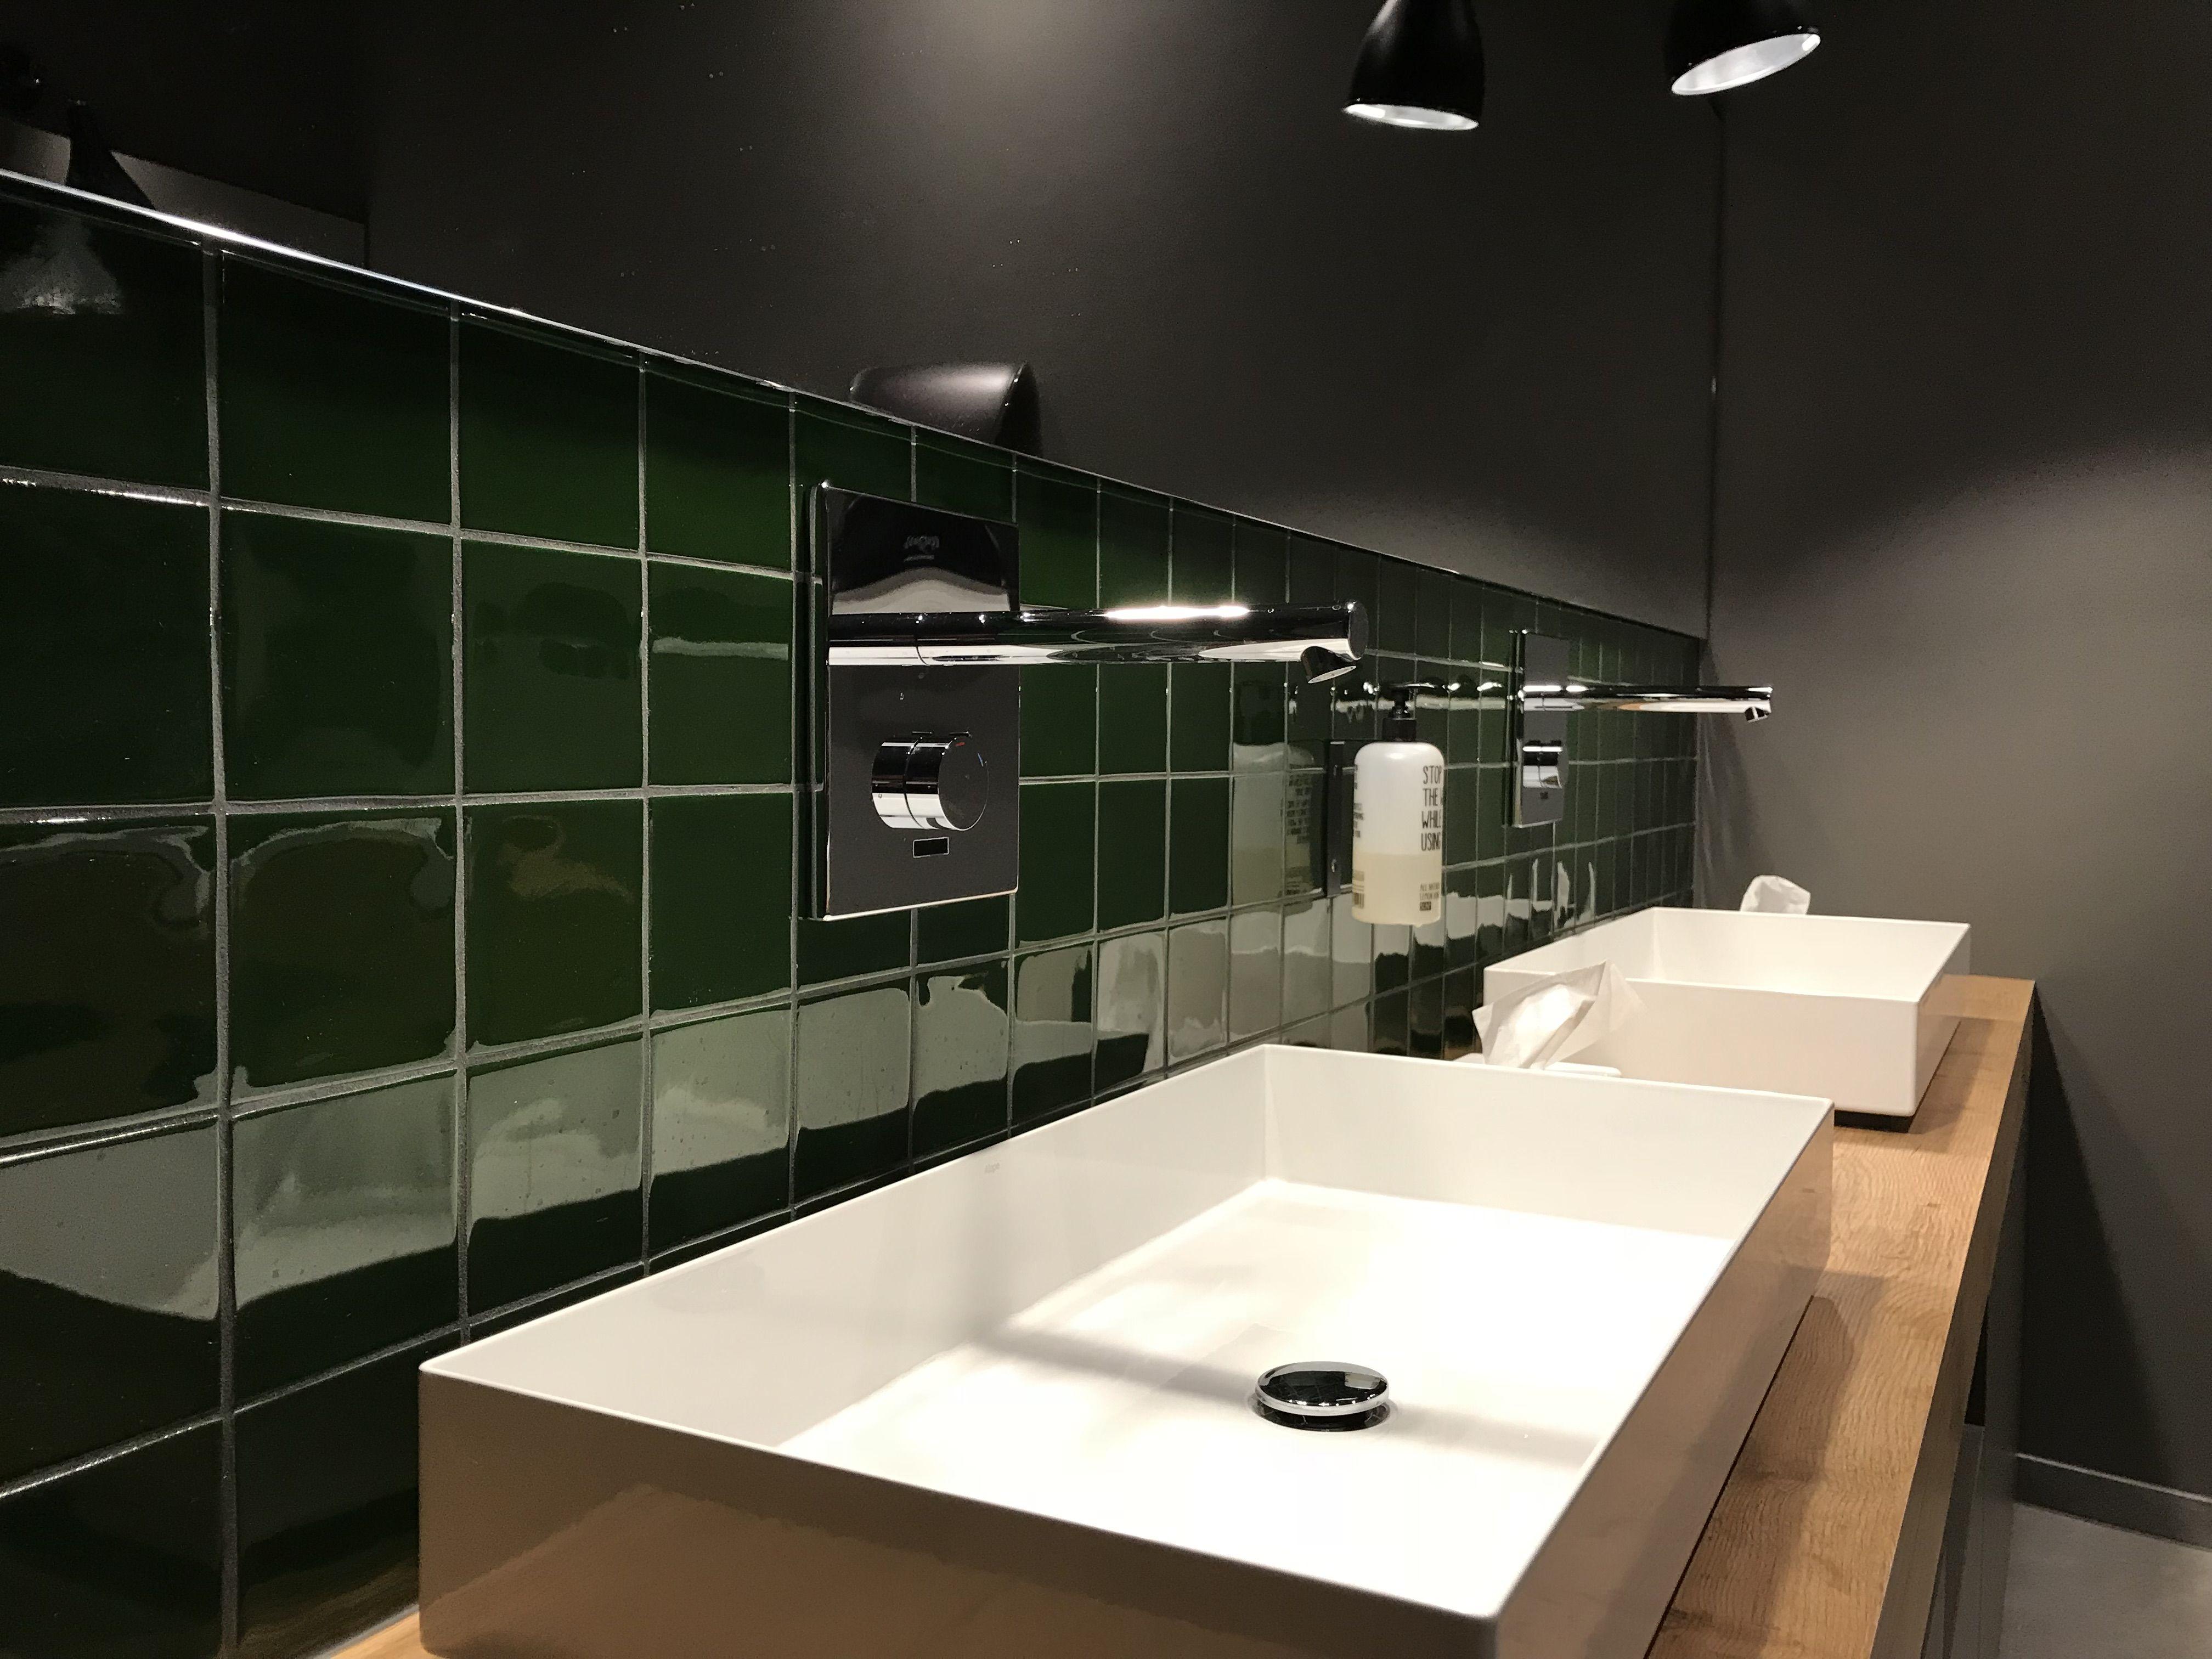 Sanitarraume Im Eingangsbereich Mit Modernen Wimtec Wandarmaturen Proof W6 In 2020 Wc Trennwande Wandarmatur Veranstaltungsraum